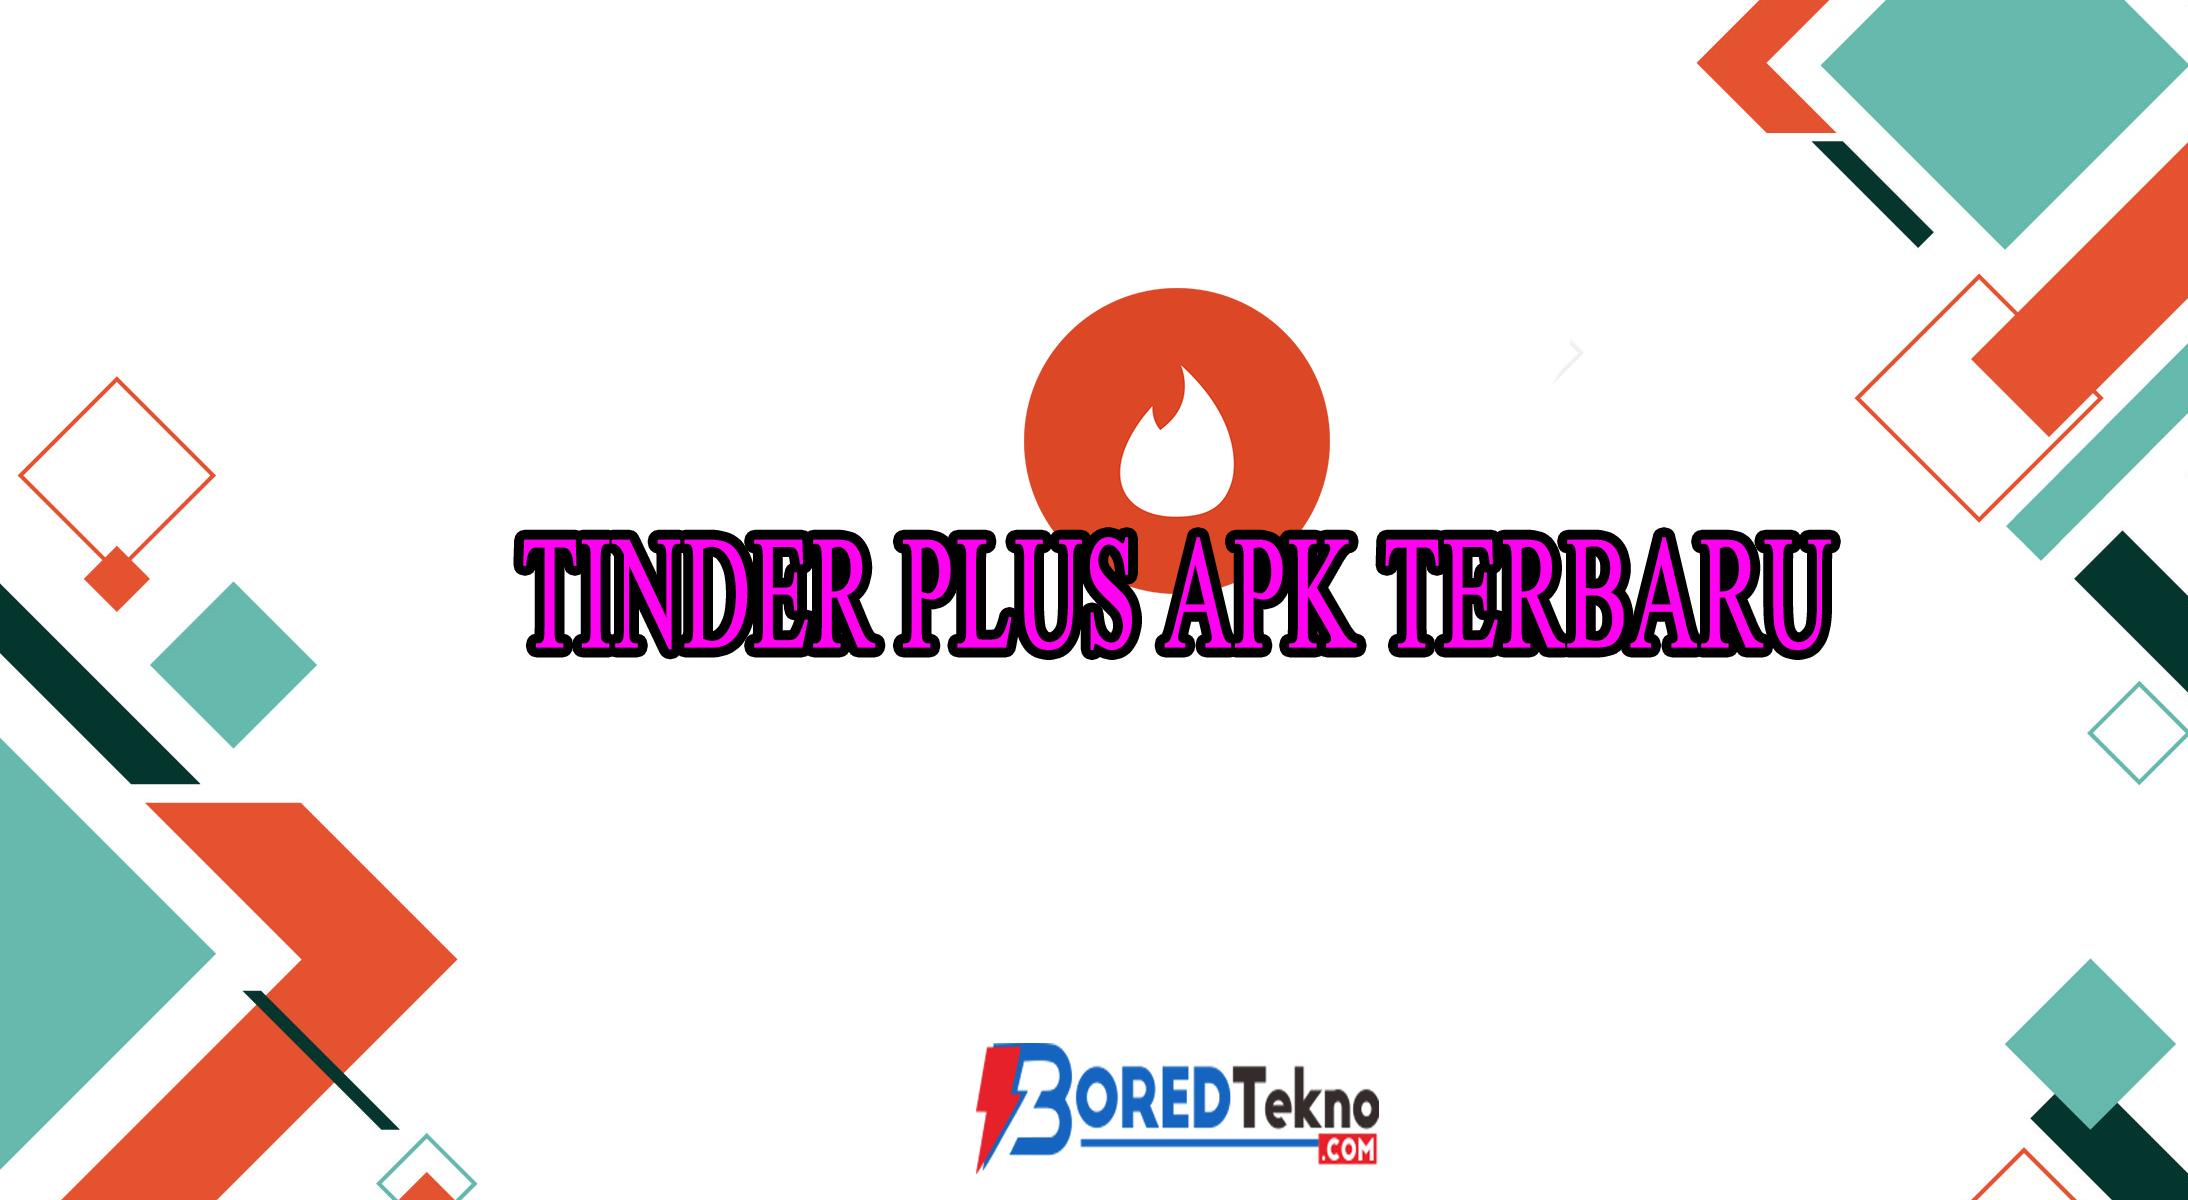 Tinder Plus APK Terbaru